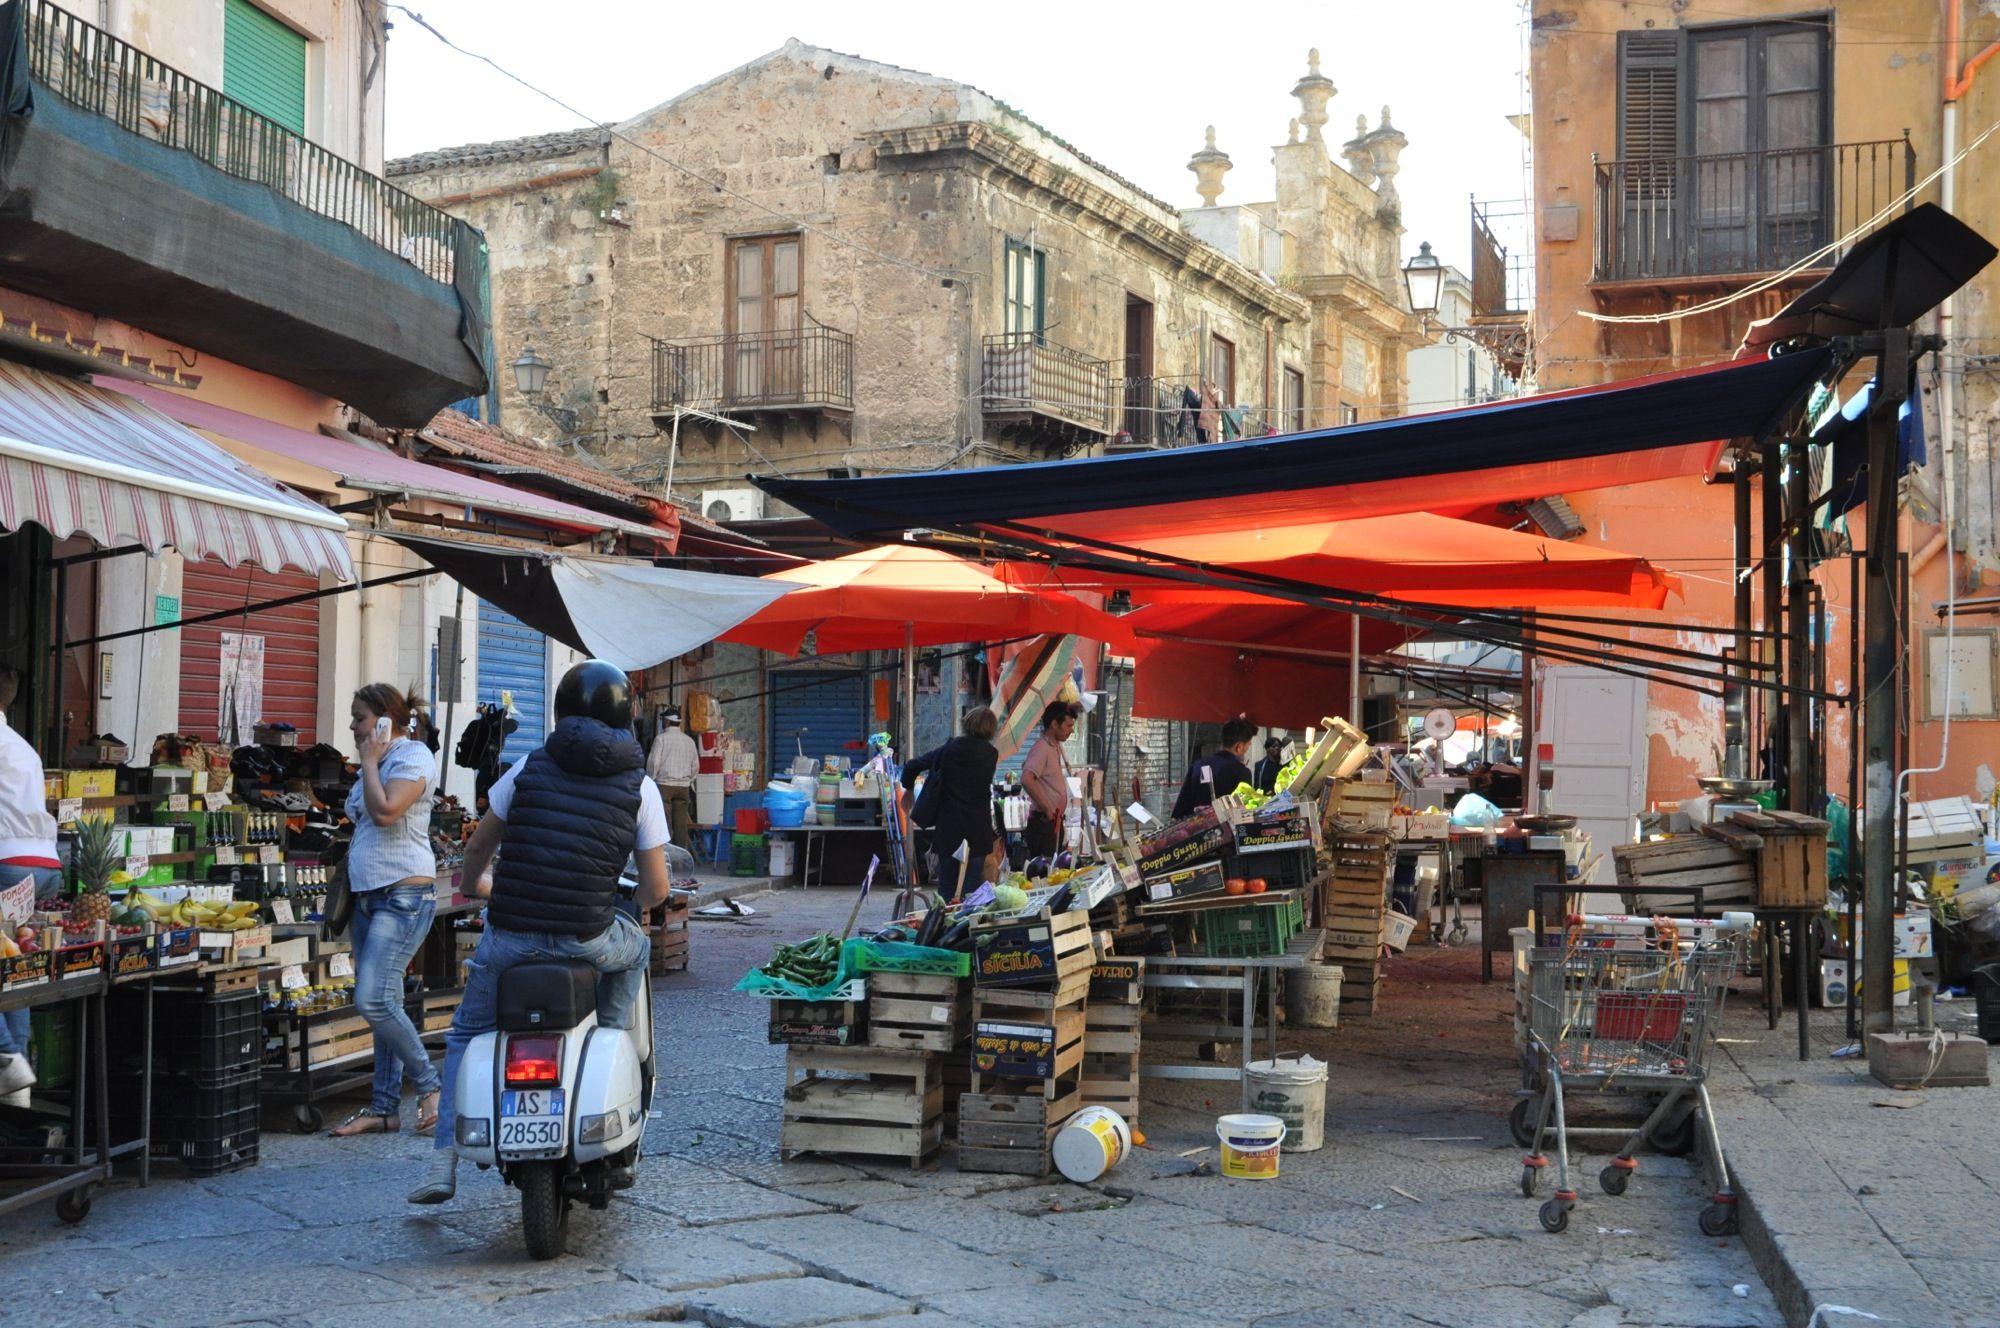 voyages rencontres berberes Saint-Pierre